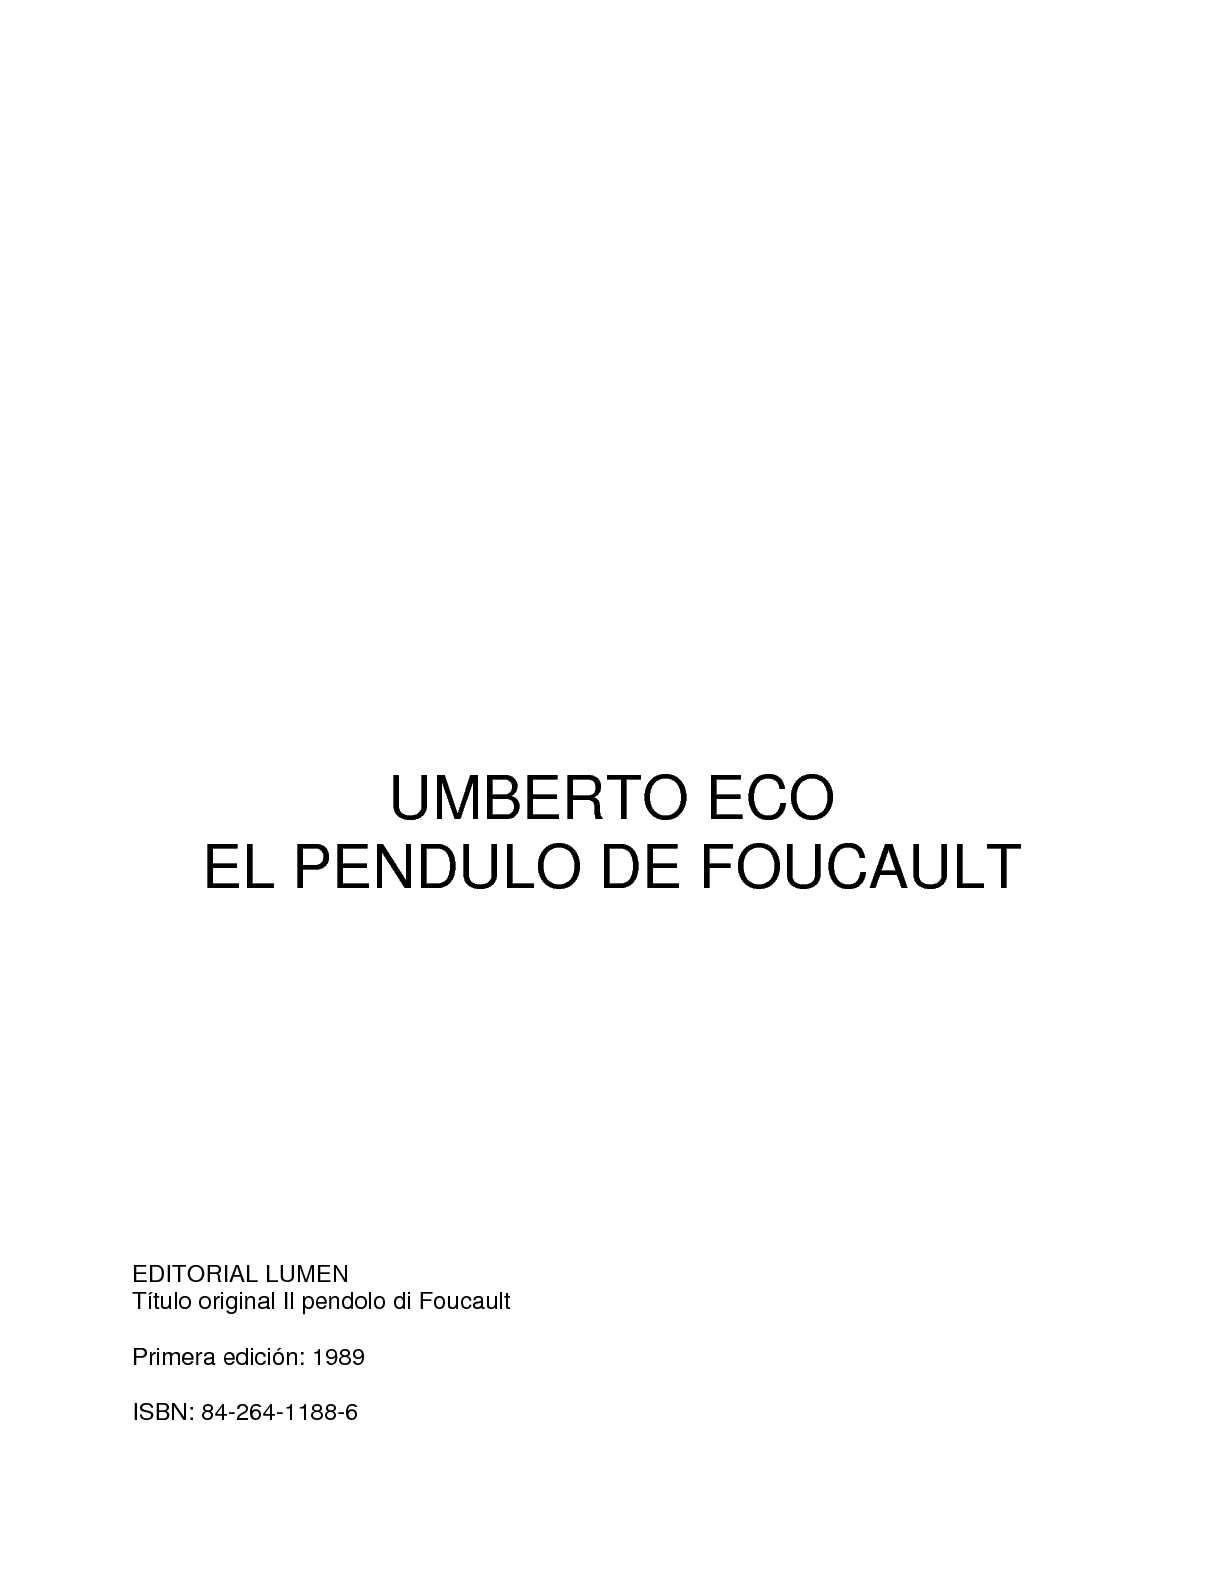 Calaméo - pendulo de foucault